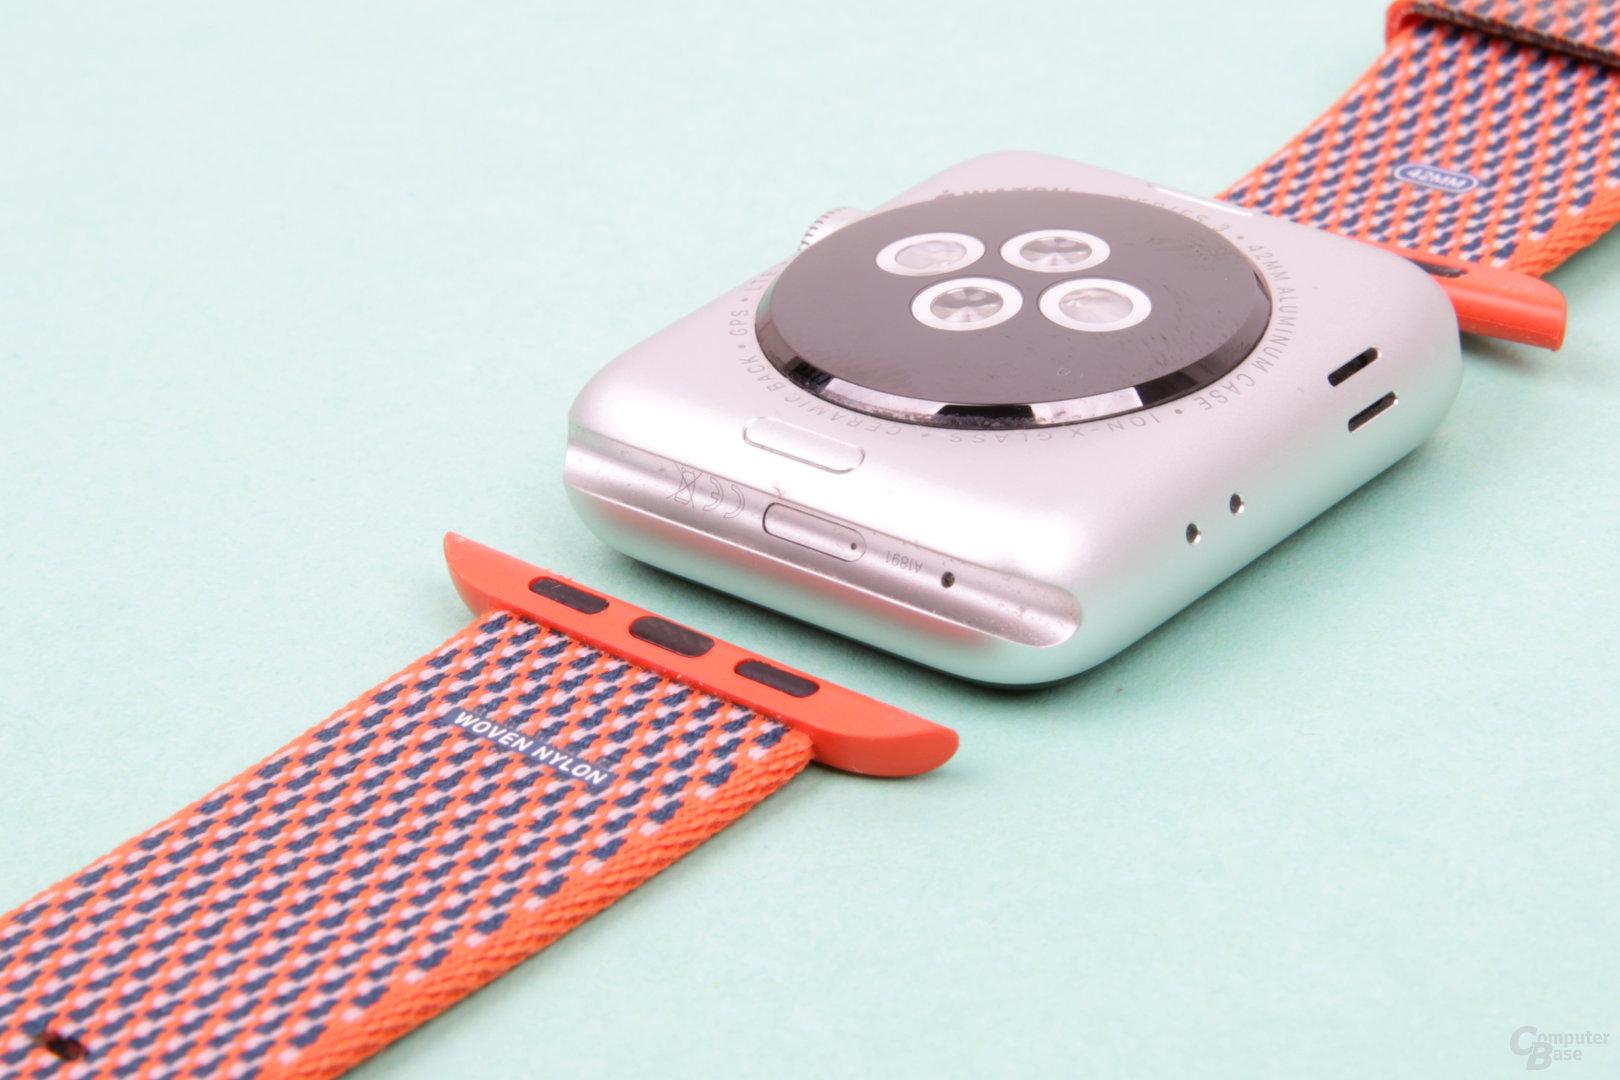 Verdeckter Anschluss für Wartung durch Apple